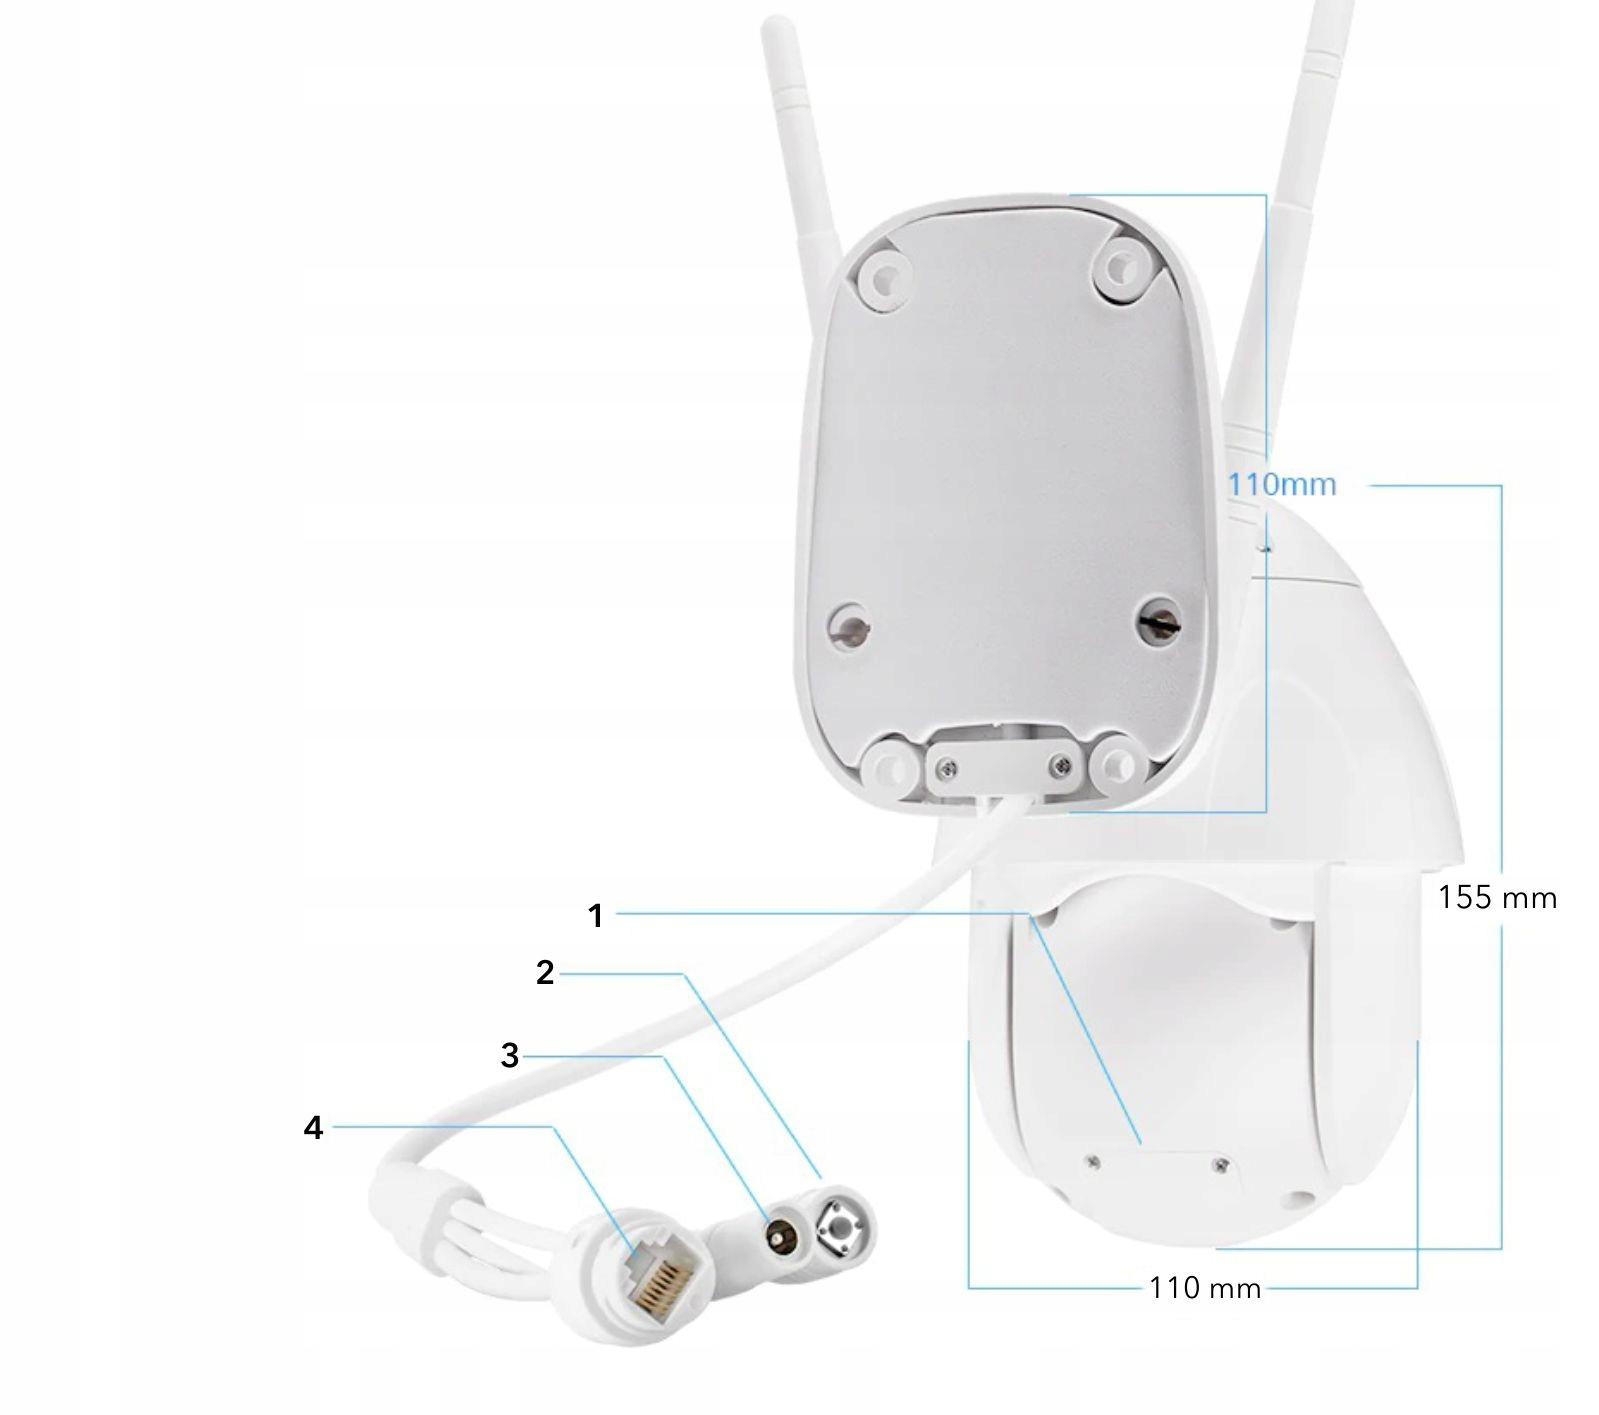 Obrotowa kamera zewnętrzna IP WiFi - 2Mpx + Audio Waga produktu z opakowaniem jednostkowym 1.2 kg